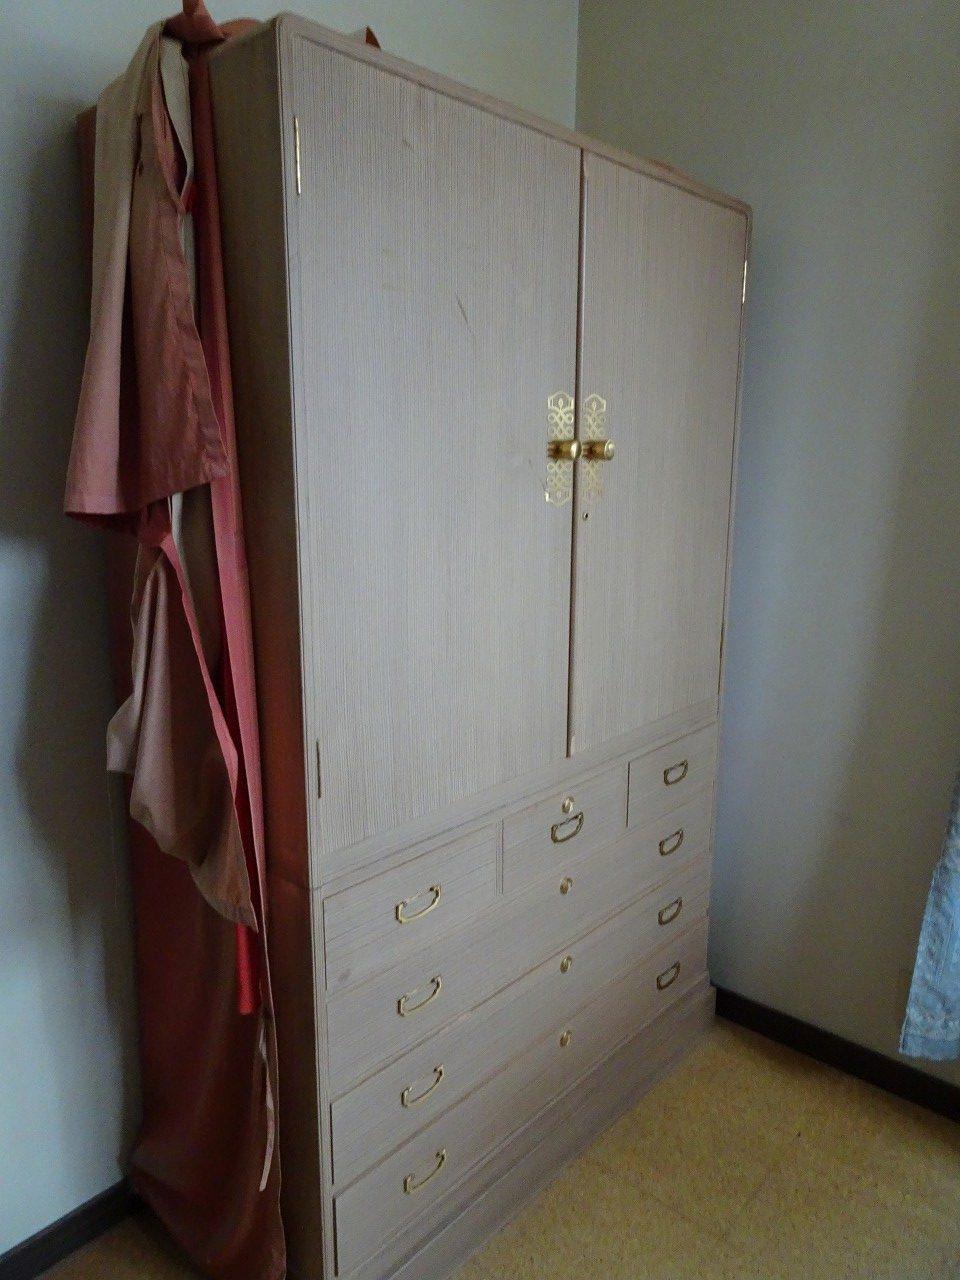 桐箪笥の洗い修理の納品事例 ロイヤルホテル初音の桐箪笥の洗いが出来ました。